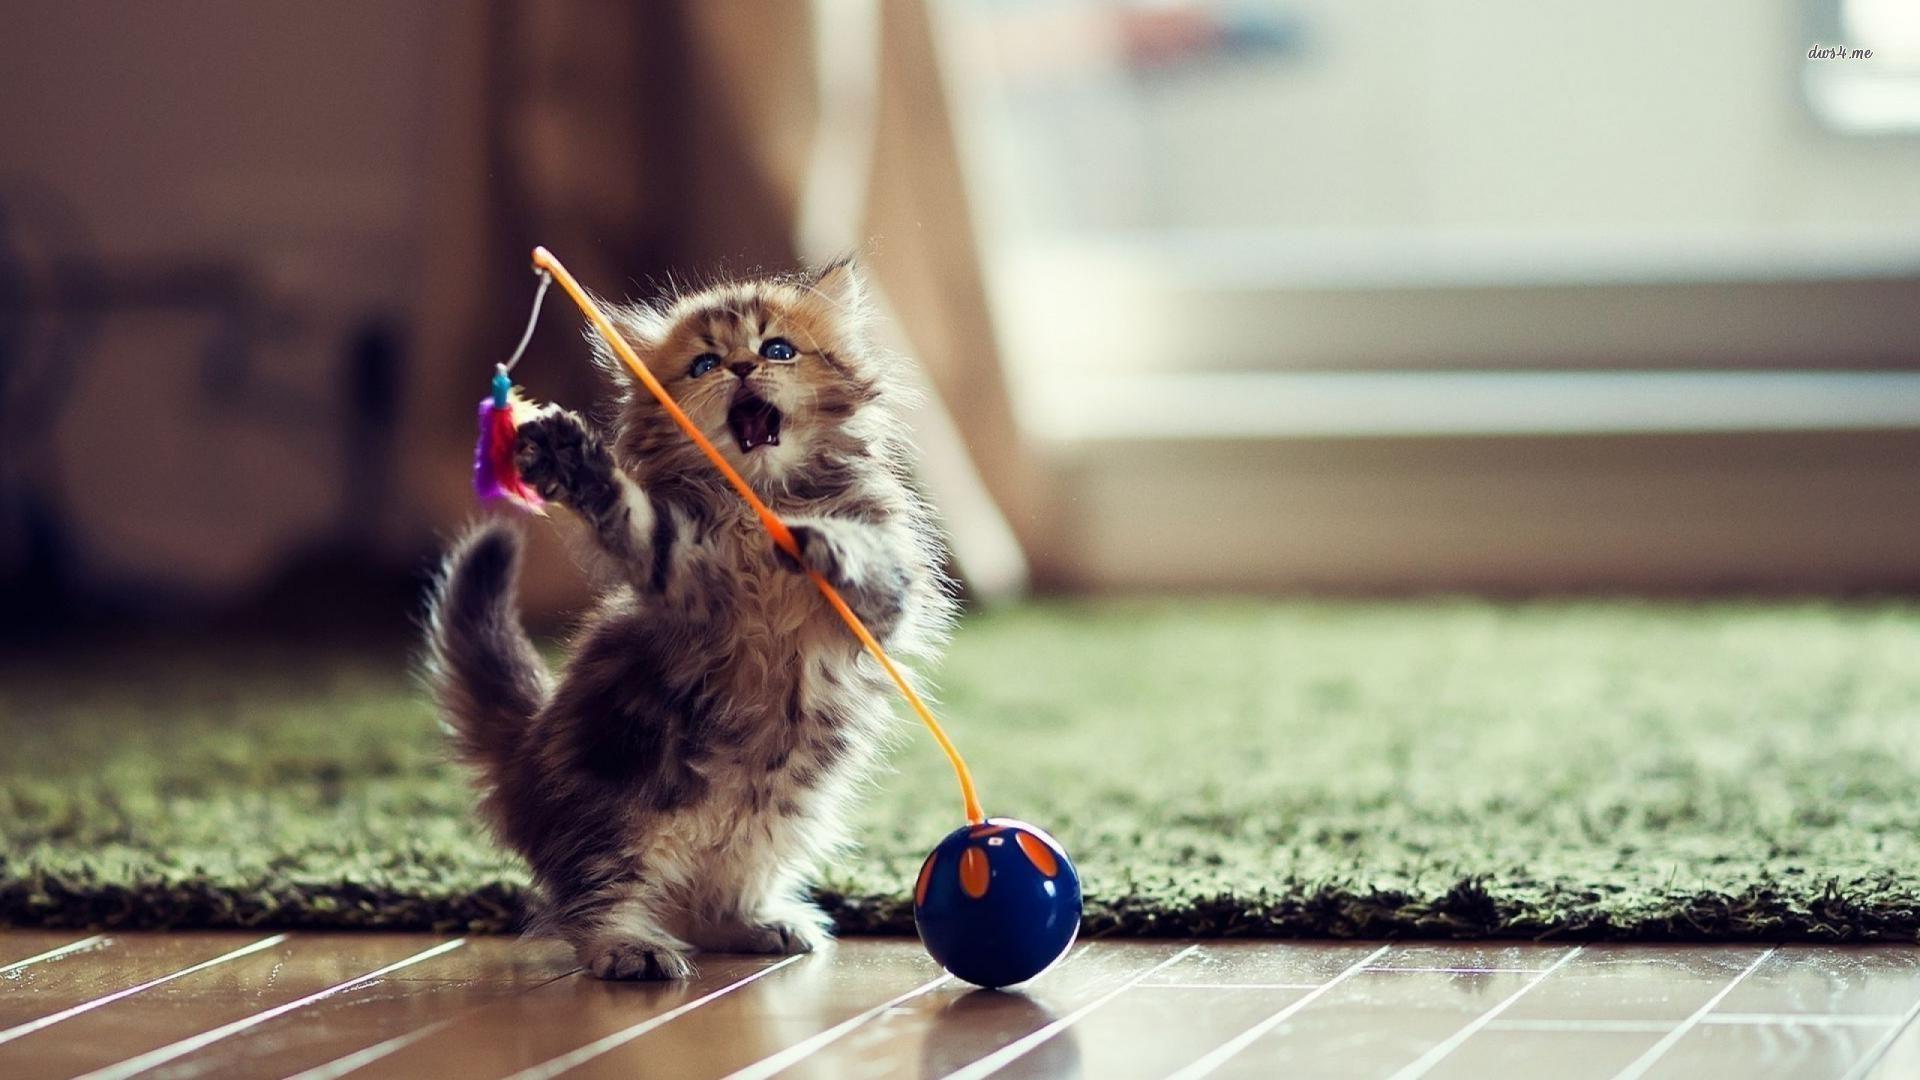 Gorgeous Cute Kitten Wallpapers For Desktop Kitten 1920x1080 Download Hd Wallpaper Wallpapertip